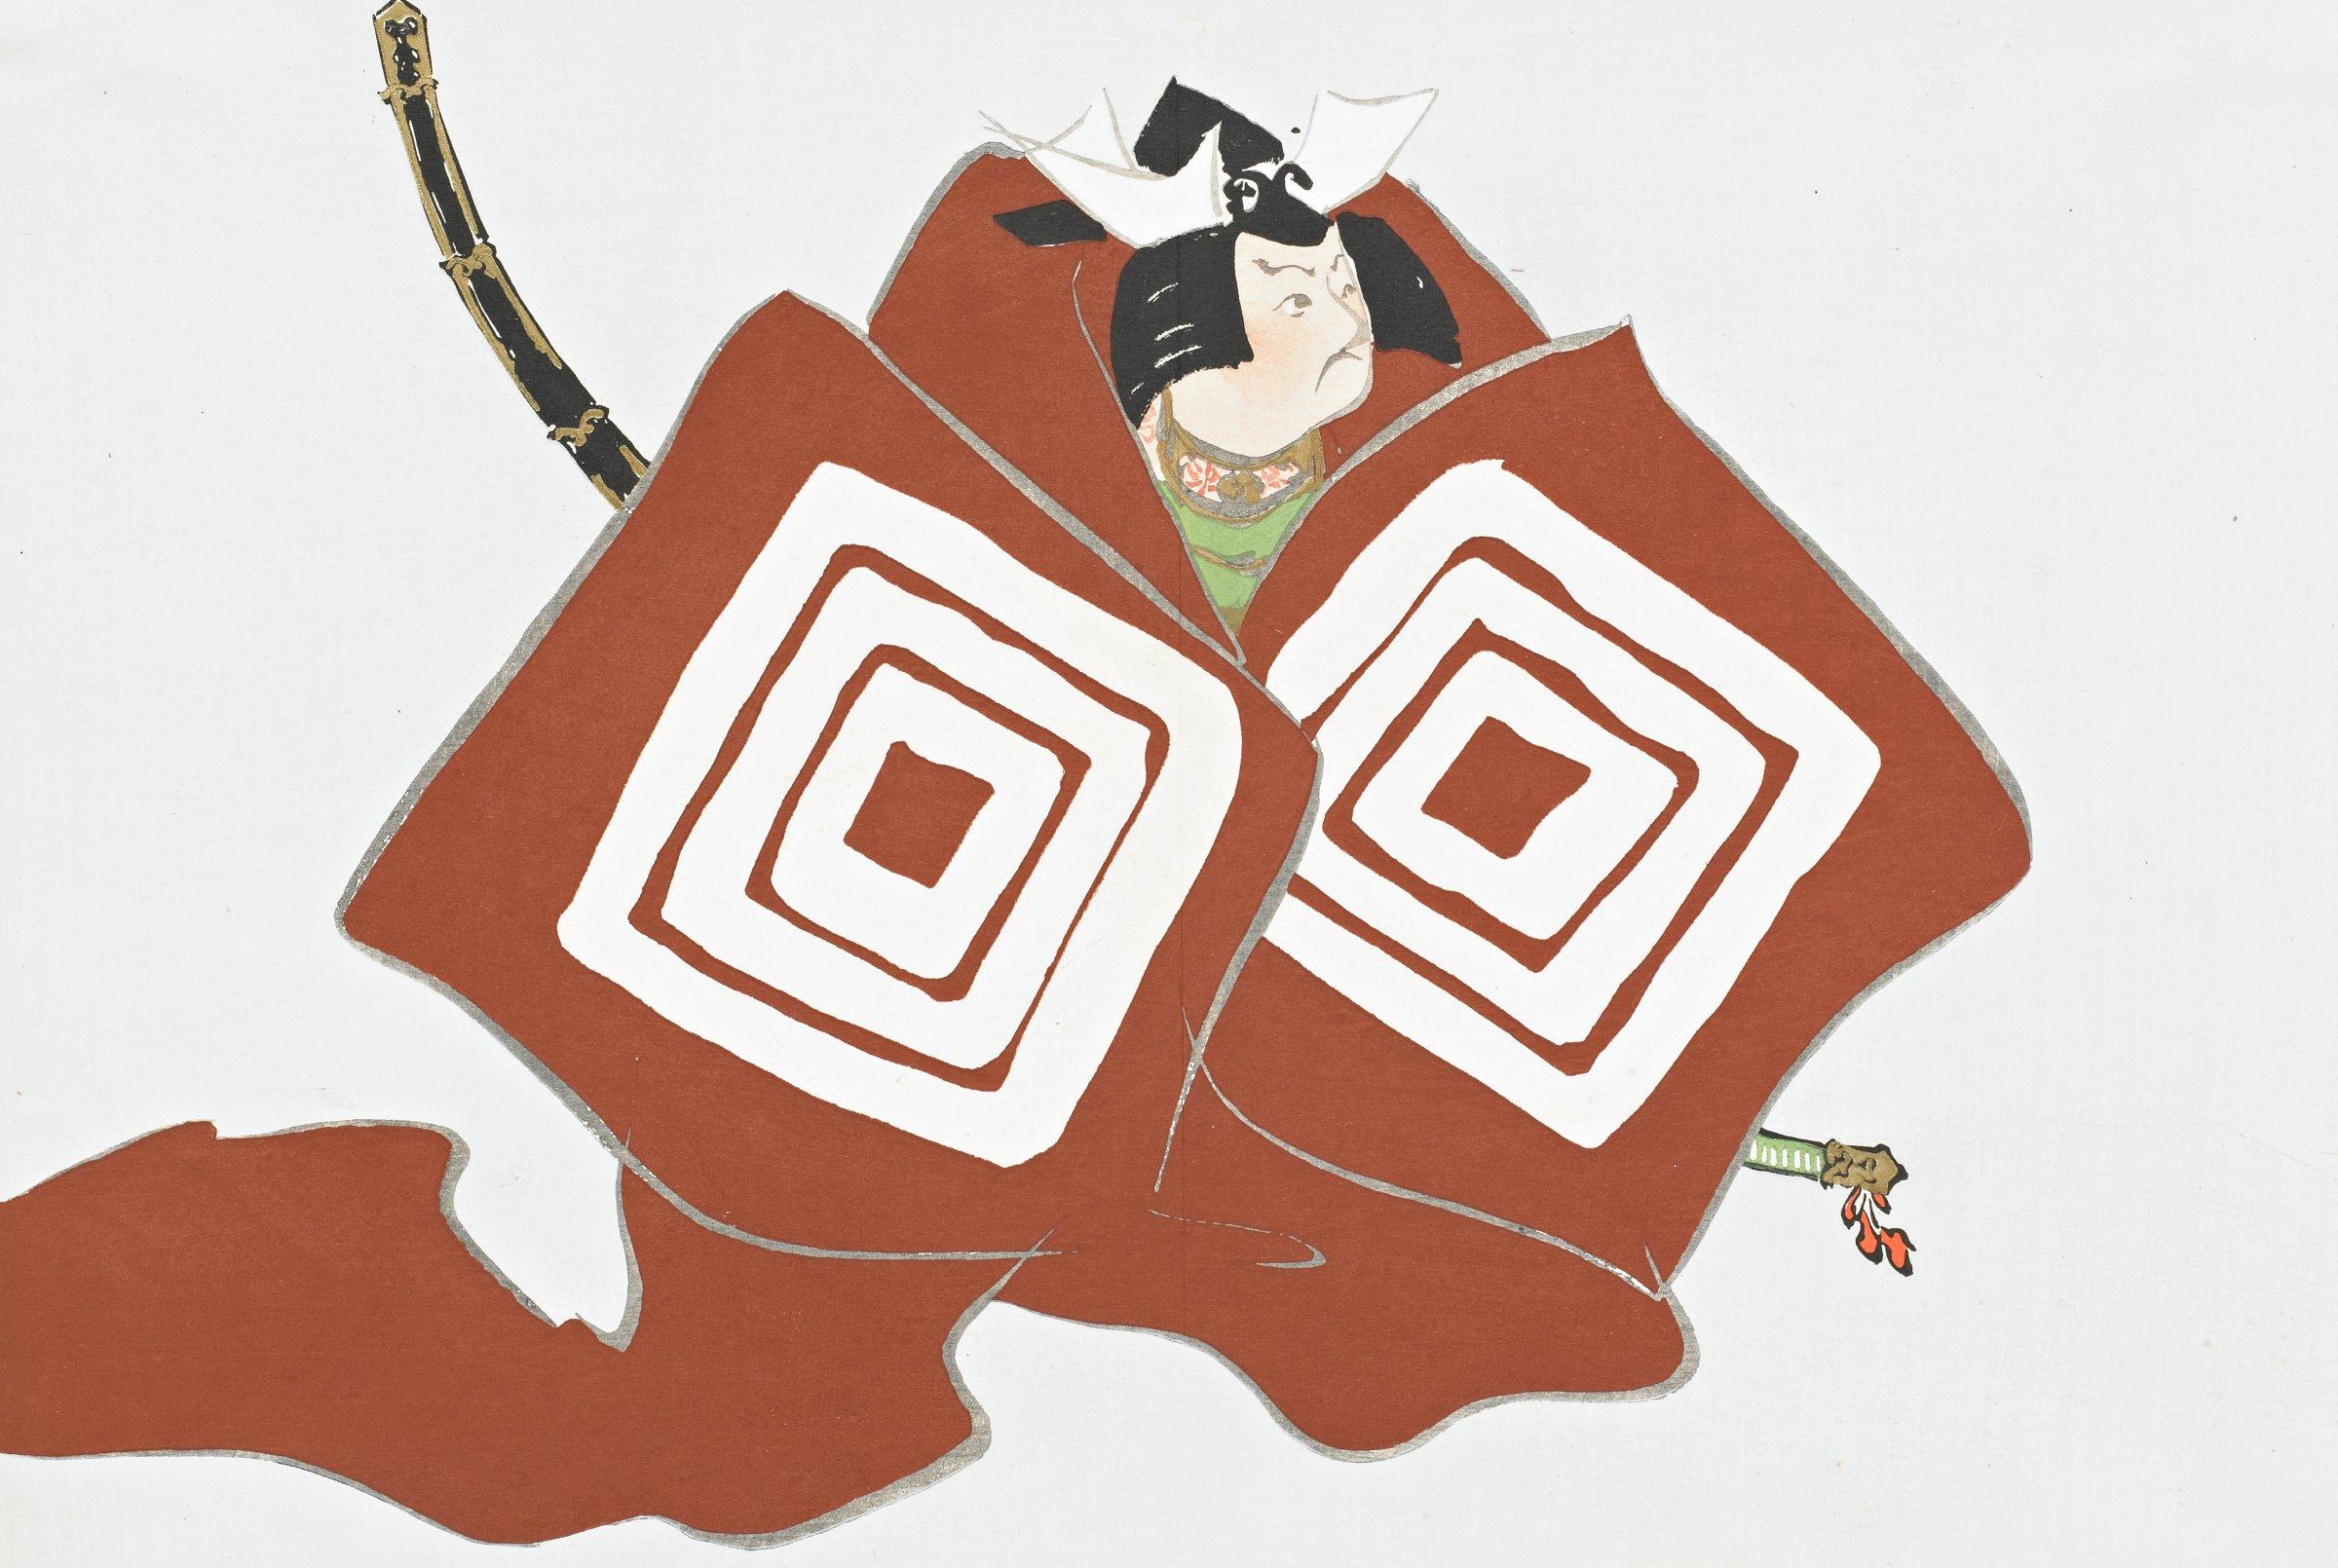 Shibaraku (A Kabuki Play), from Momoyogusa (A World of Things), Volume 2, Kamisaka Sekka, ink and color on paper